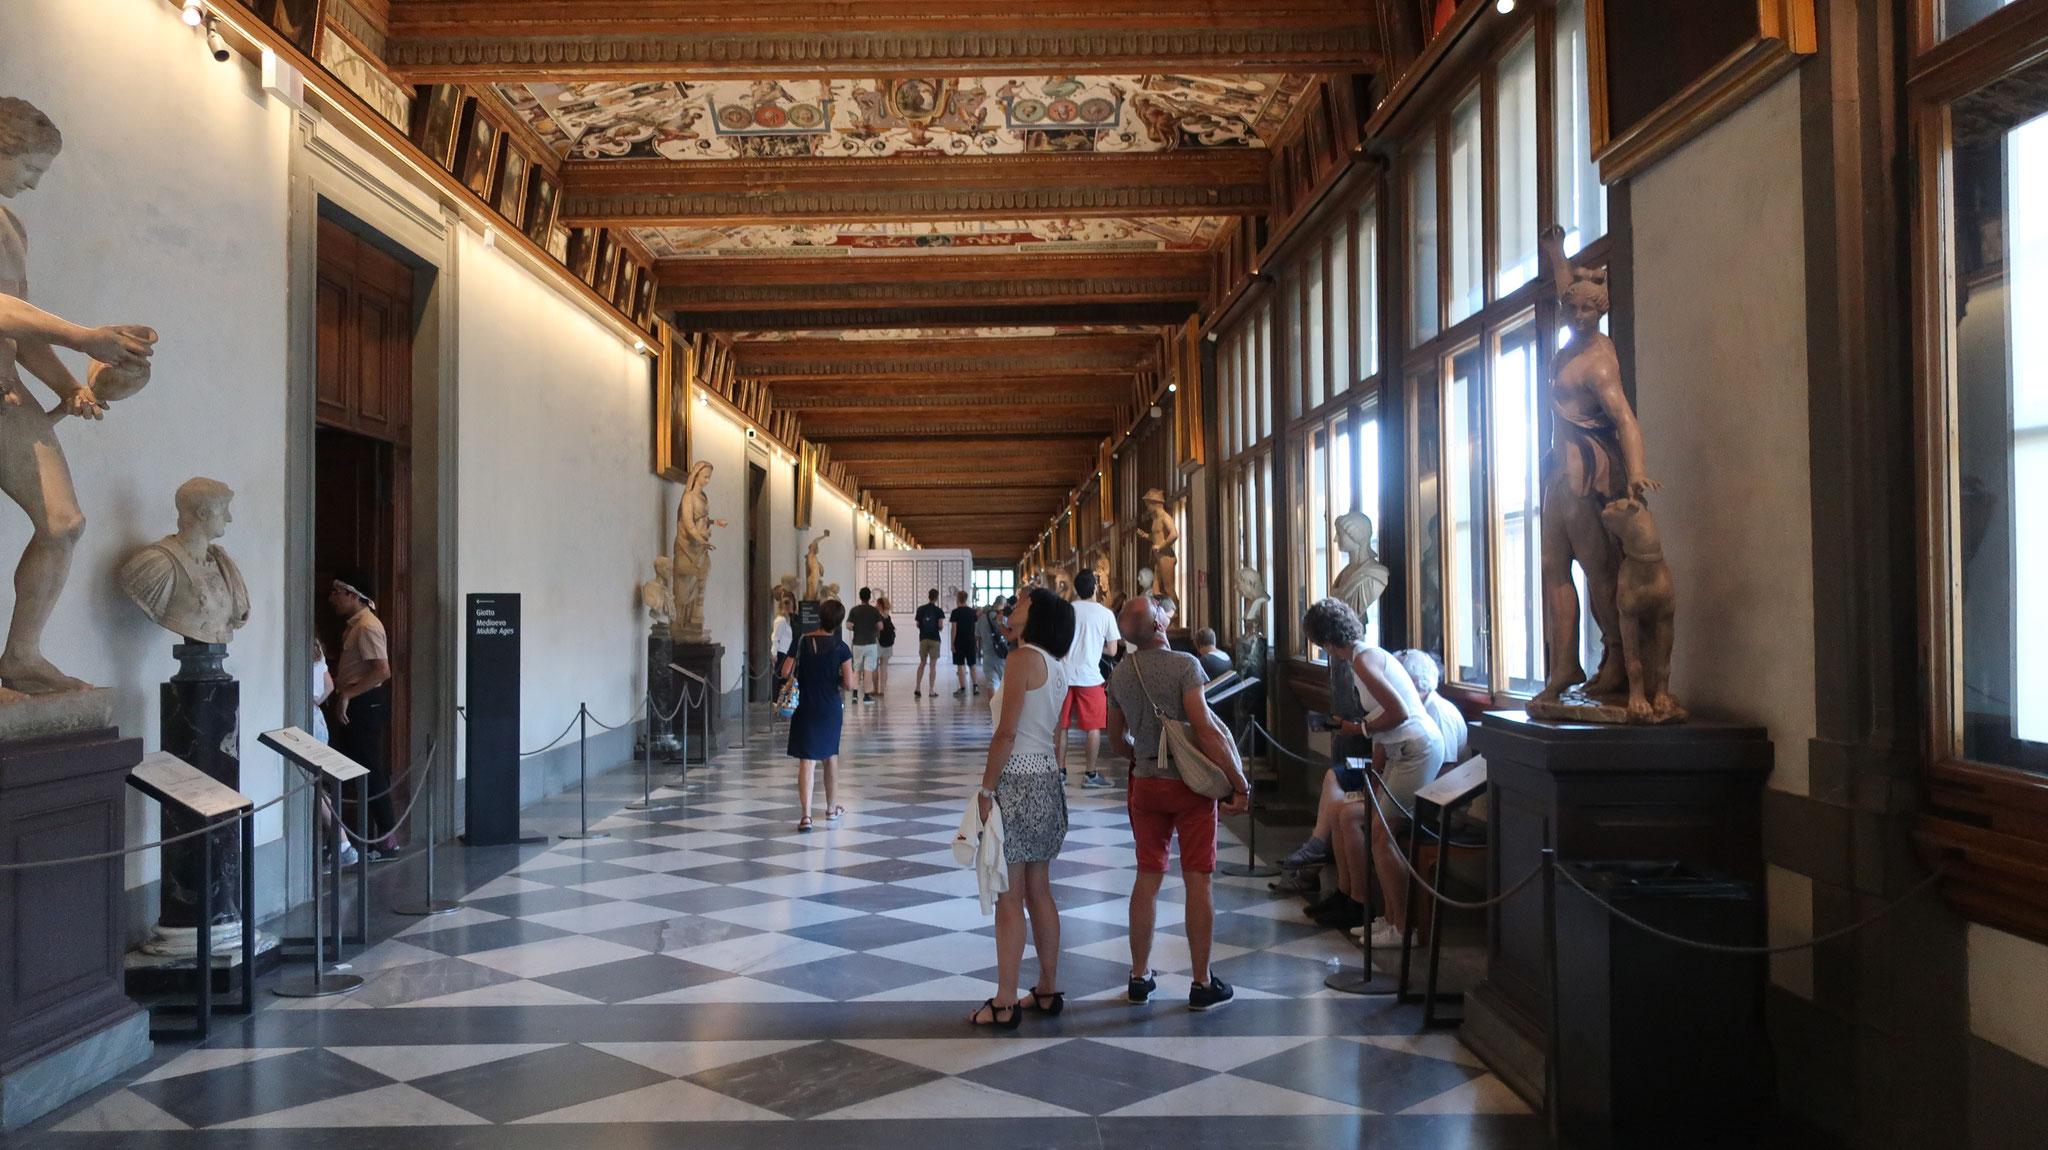 ウッフィツィ美術館。かつて、ディチ家の事務局、フィレンツェ公国の行政局(官庁街)uffici((英) office)がおかれていたのでこの名がつきました。